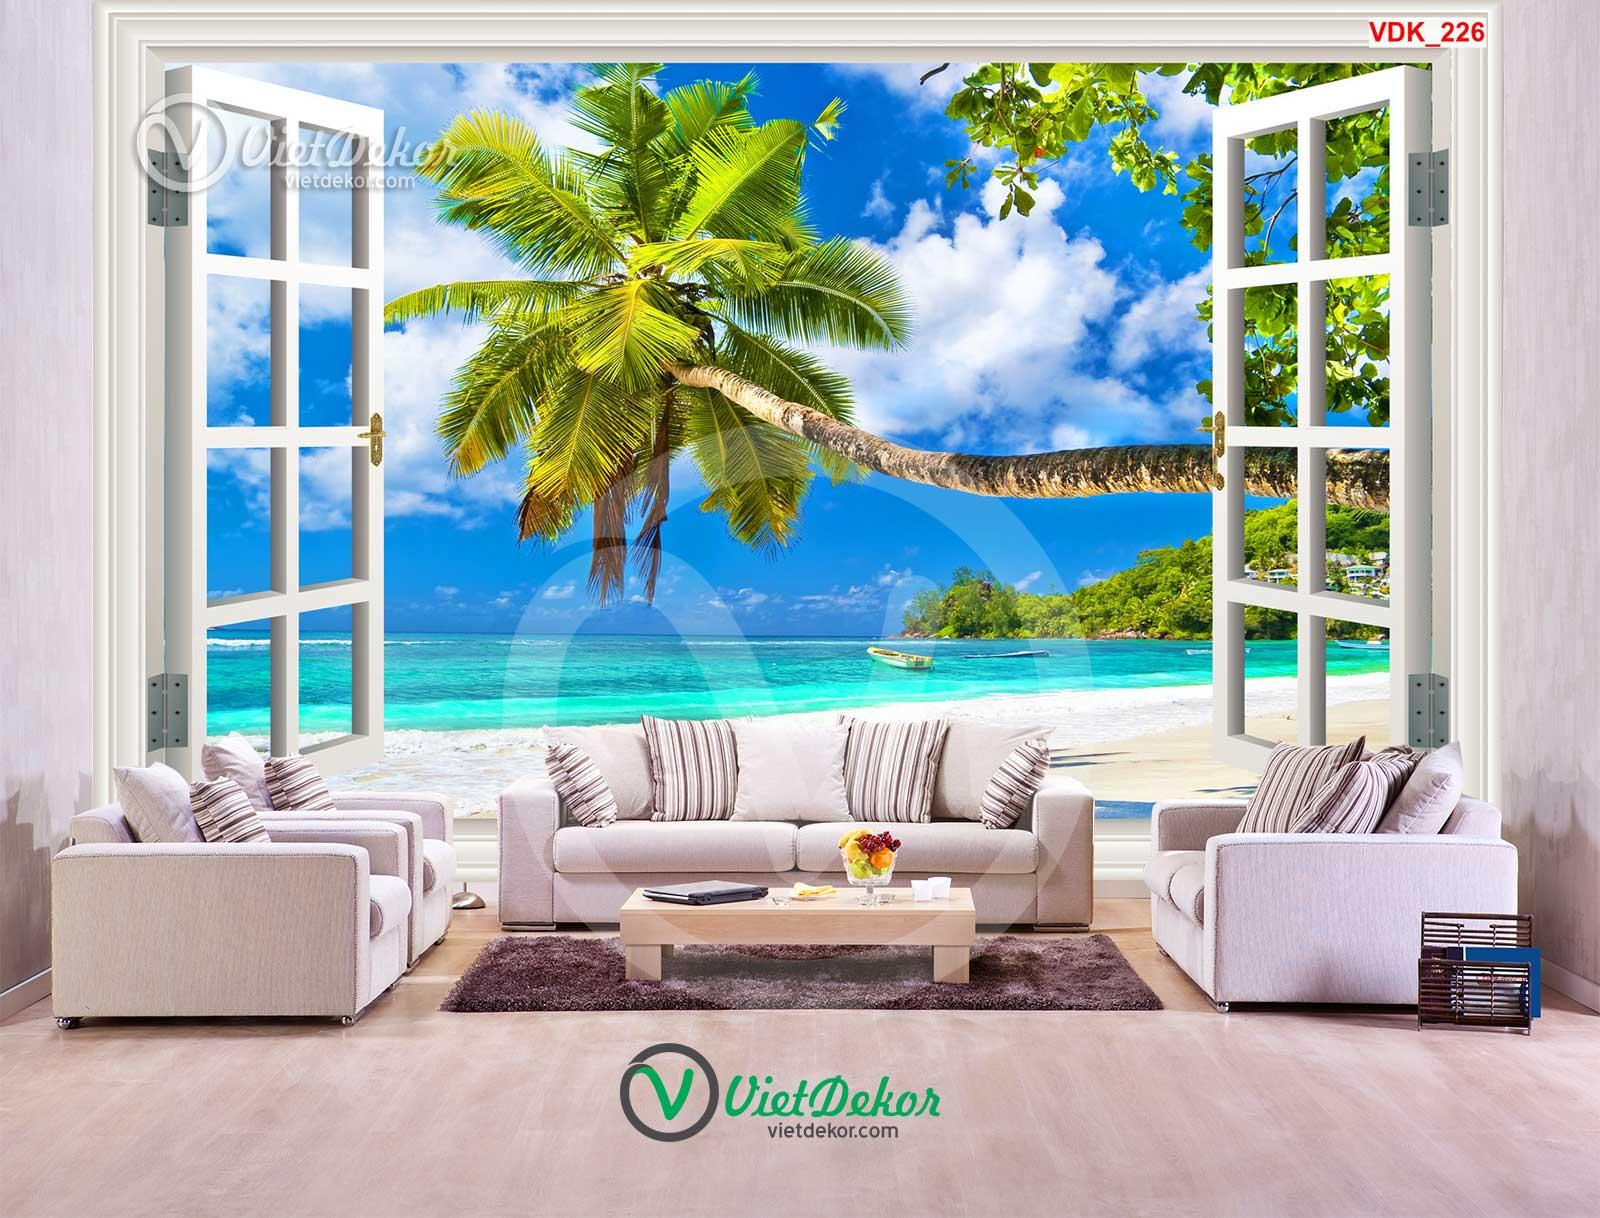 Tranh dán tường 3d cửa sổ cây dừa và biển